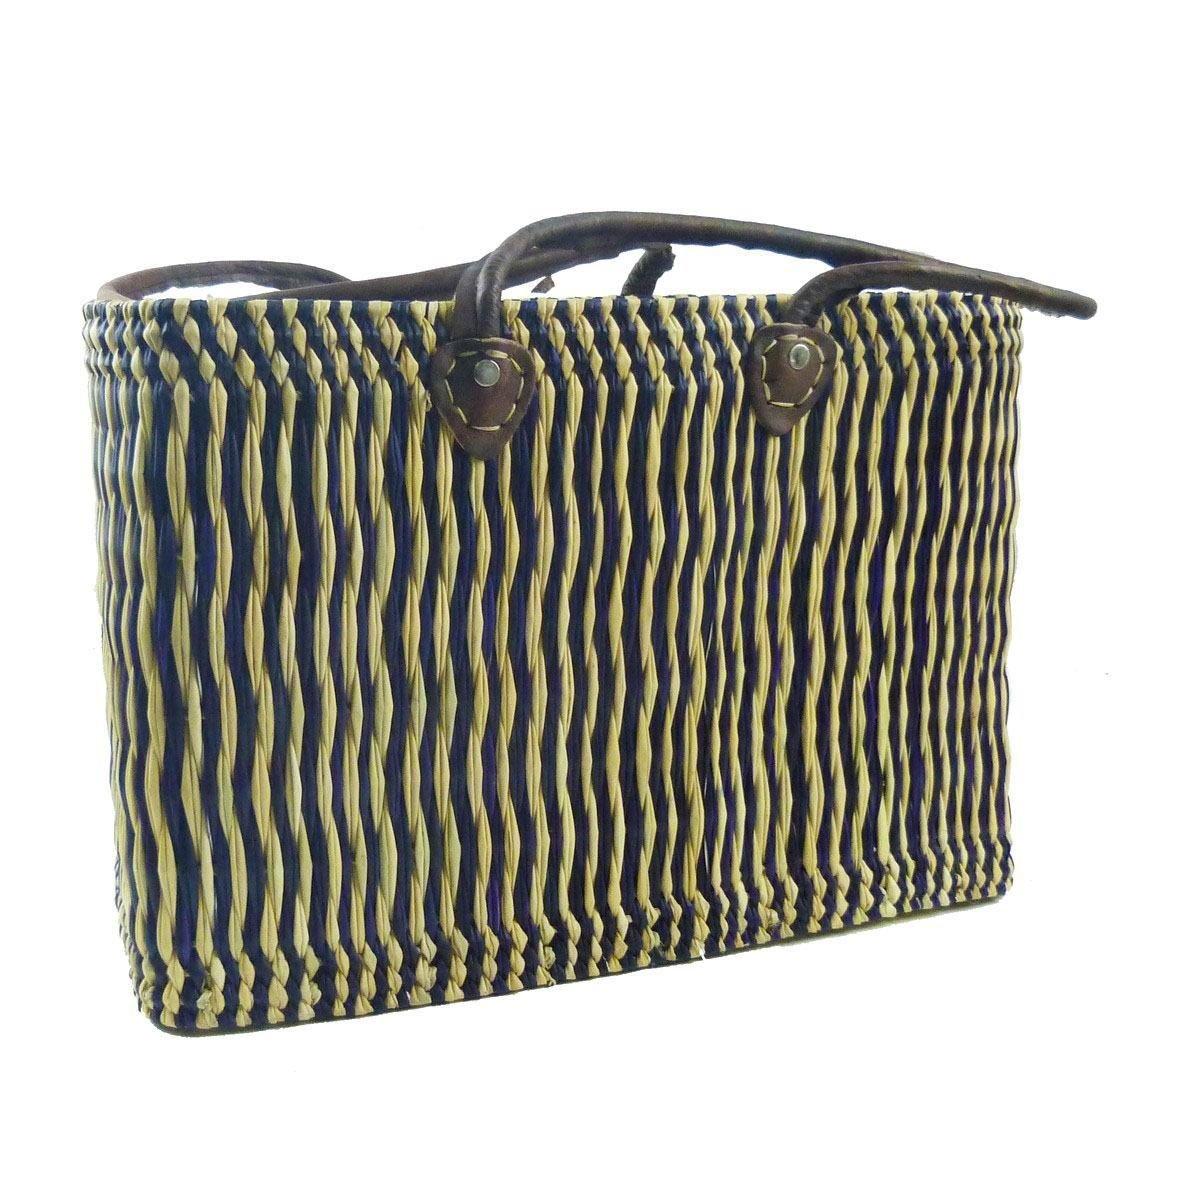 Simandra Seegras Tasche Korb Einkaufstasche Einkaufskorb Flechtkorb Korbtasche Palmgras Langer Griff Mittel Color Natur